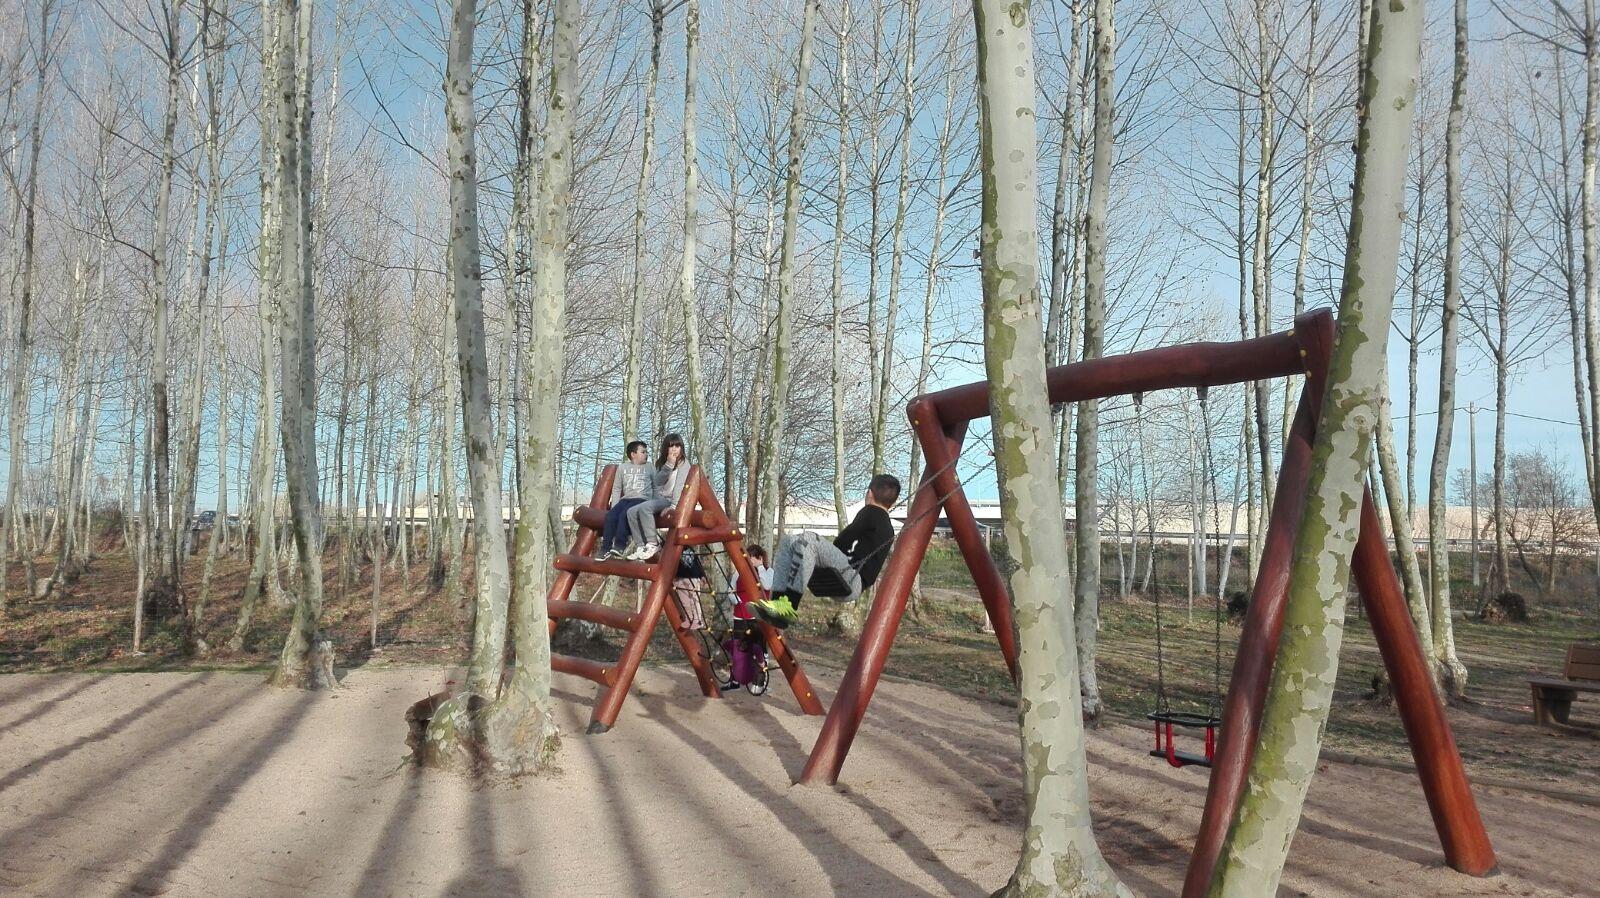 zona de jocs plena de nens hivern picnic les 3 flors